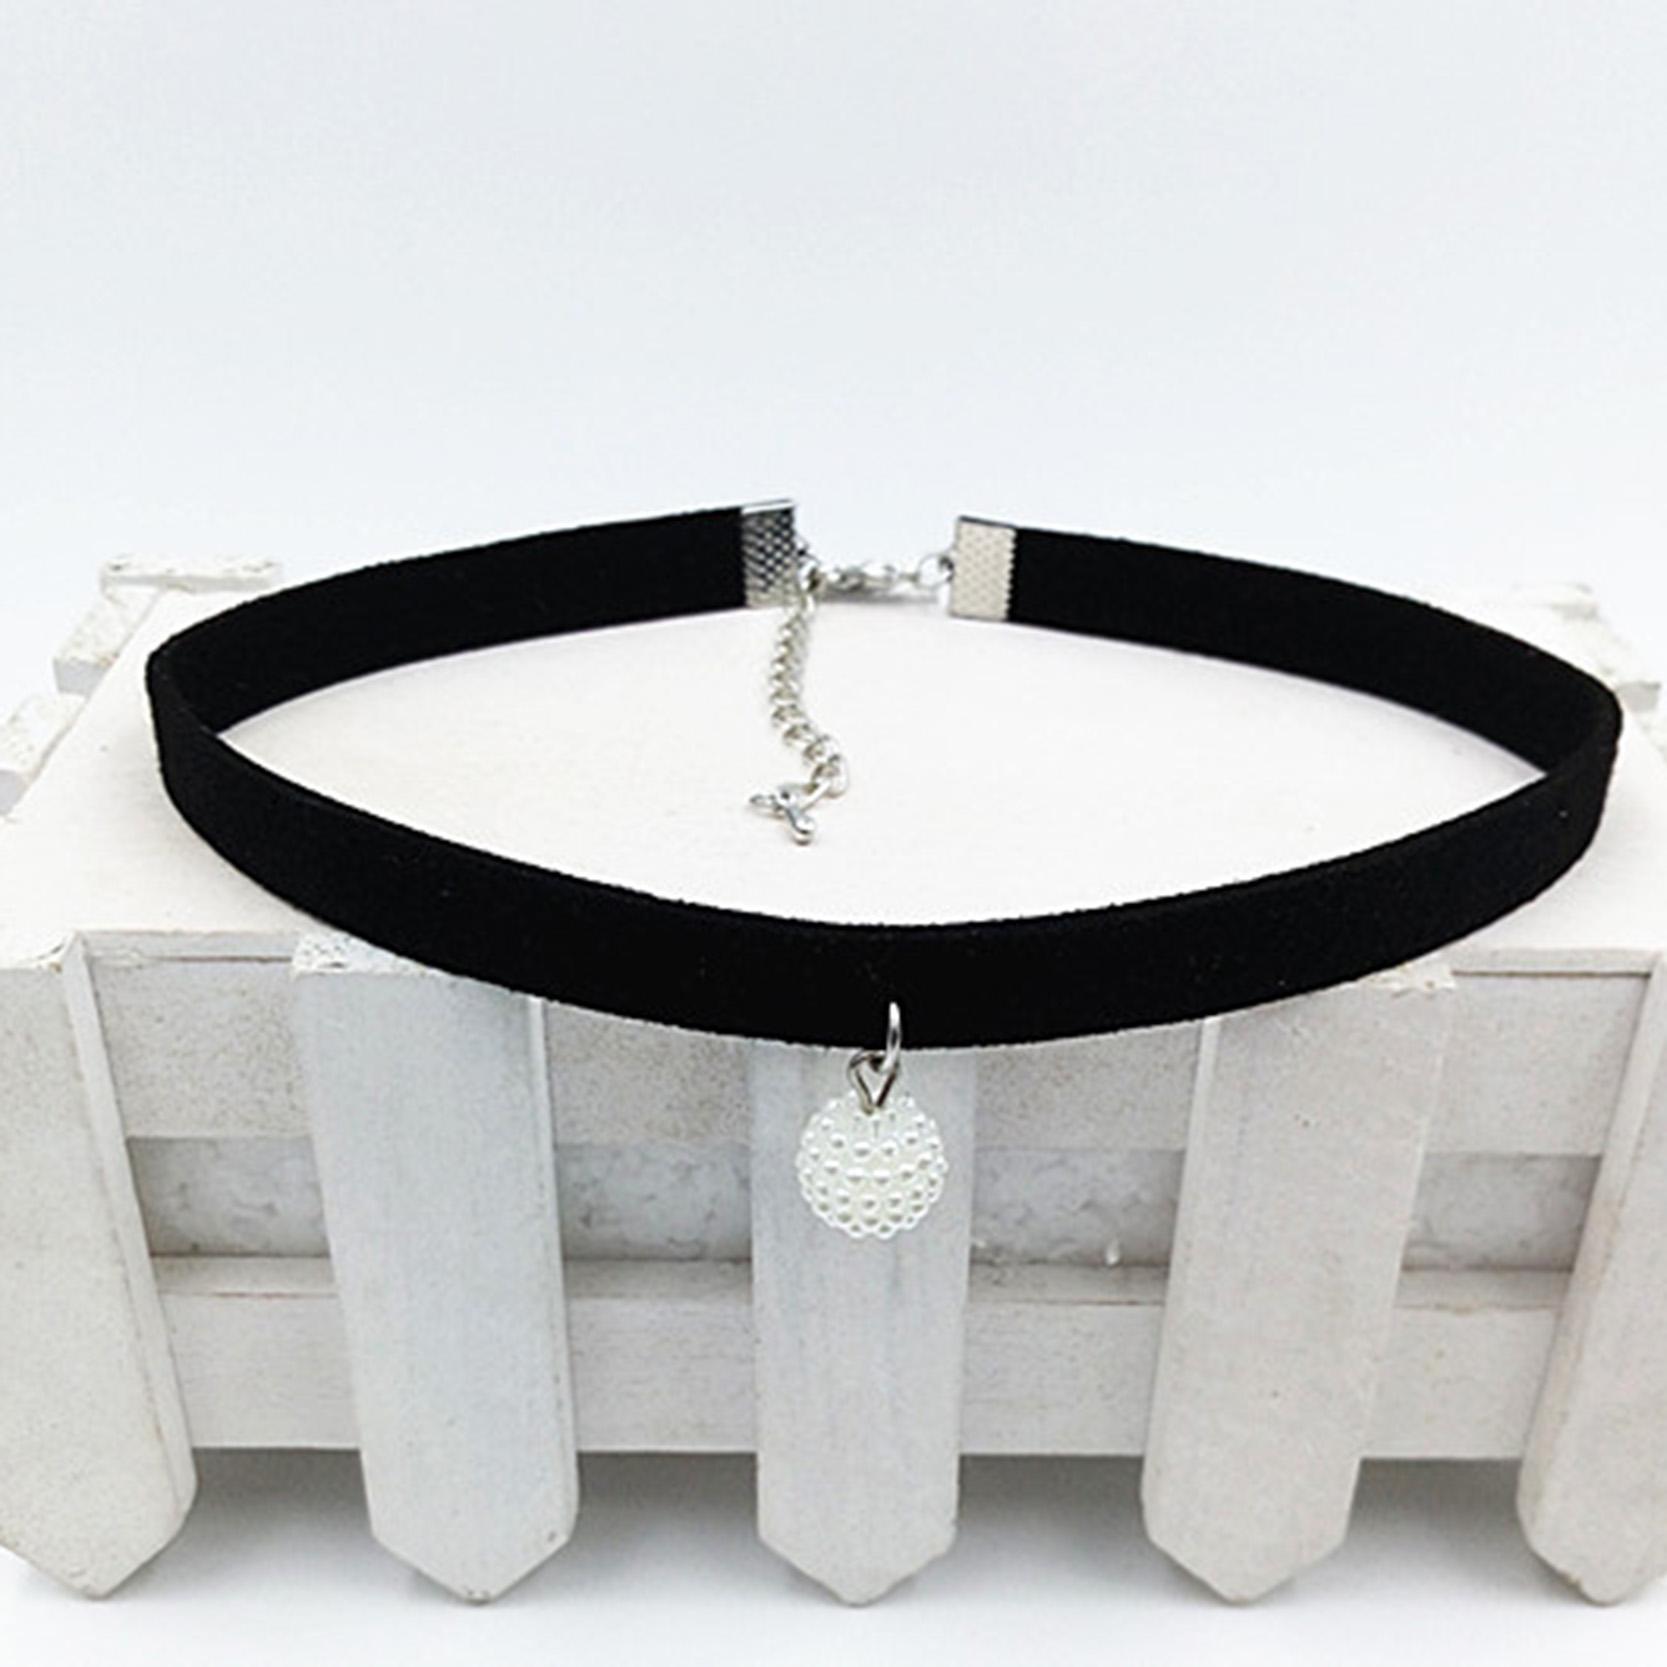 6a6fb5b6f835 Compre Al Por Mayor Moda Cuerda Negro Resina Colgante Gargantilla ...